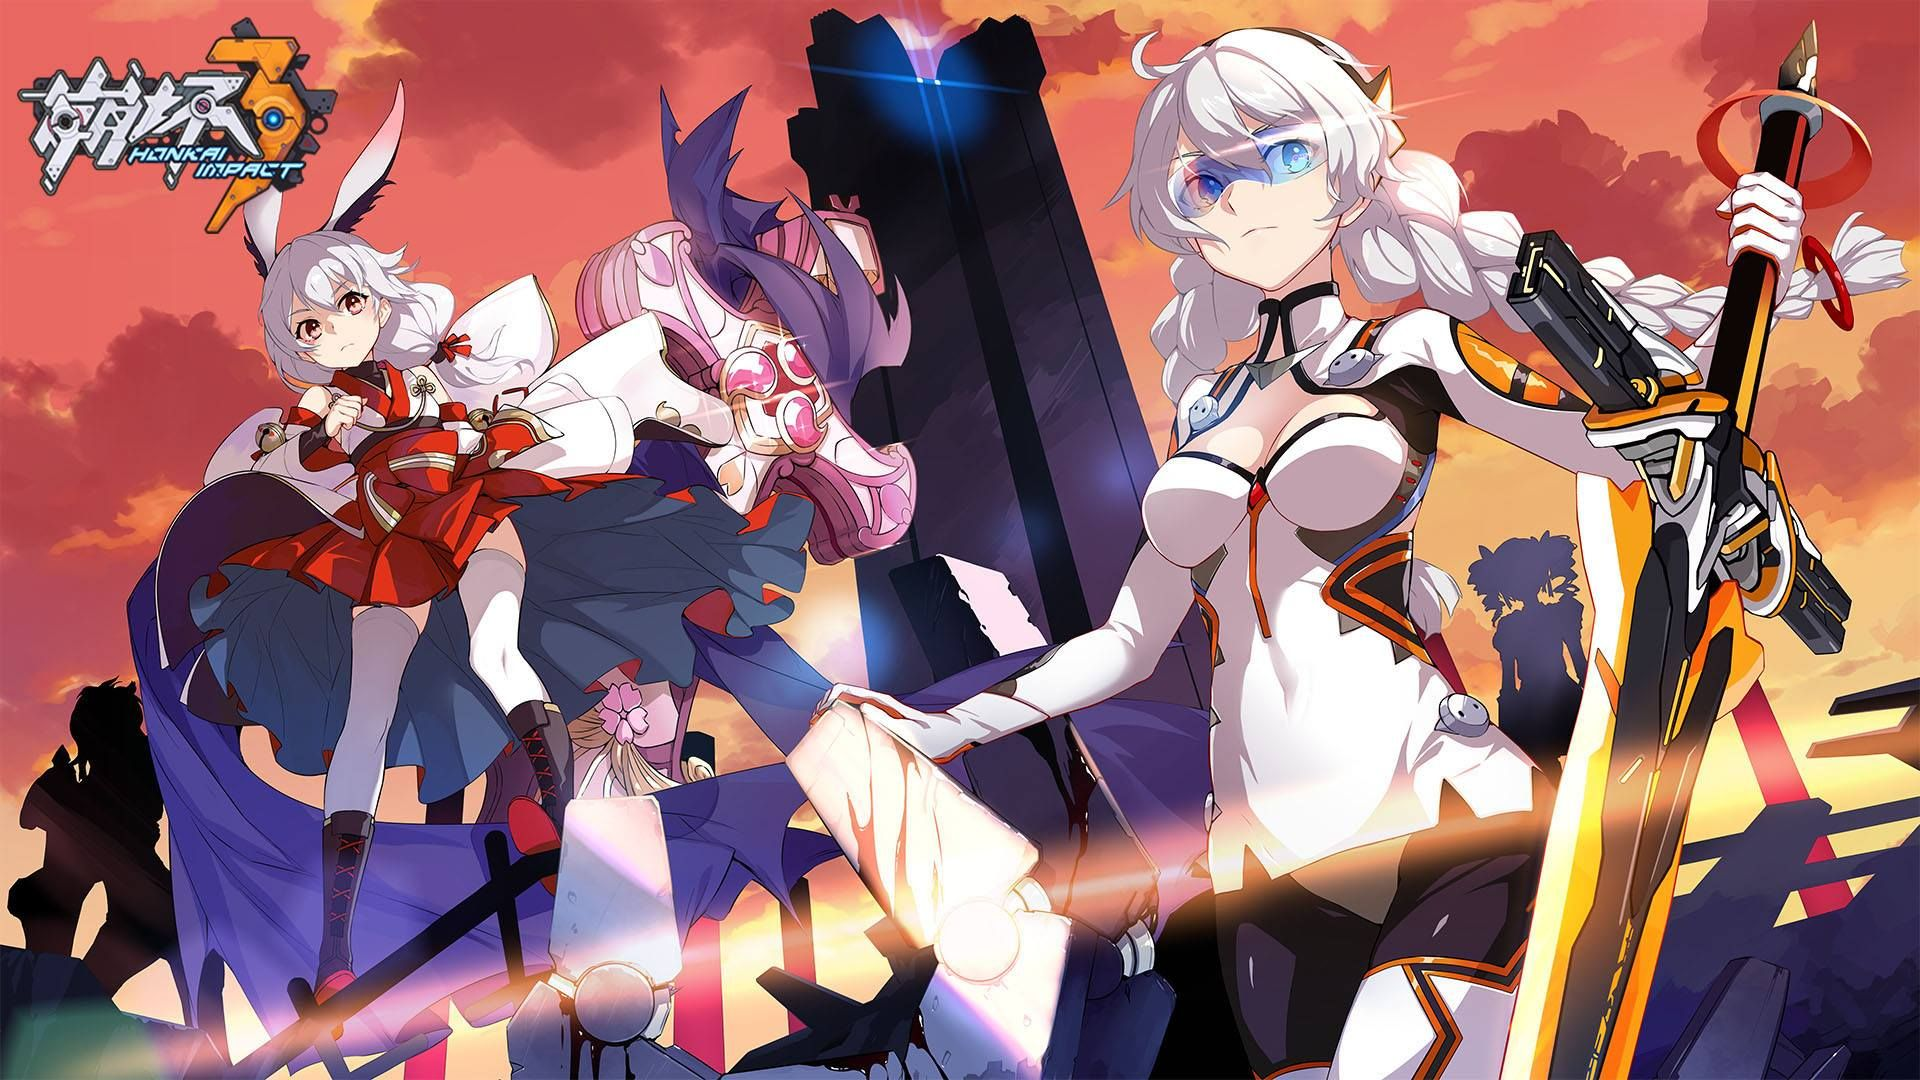 Kiana honkai impact 3 | Honkai Impact | Anime art ...